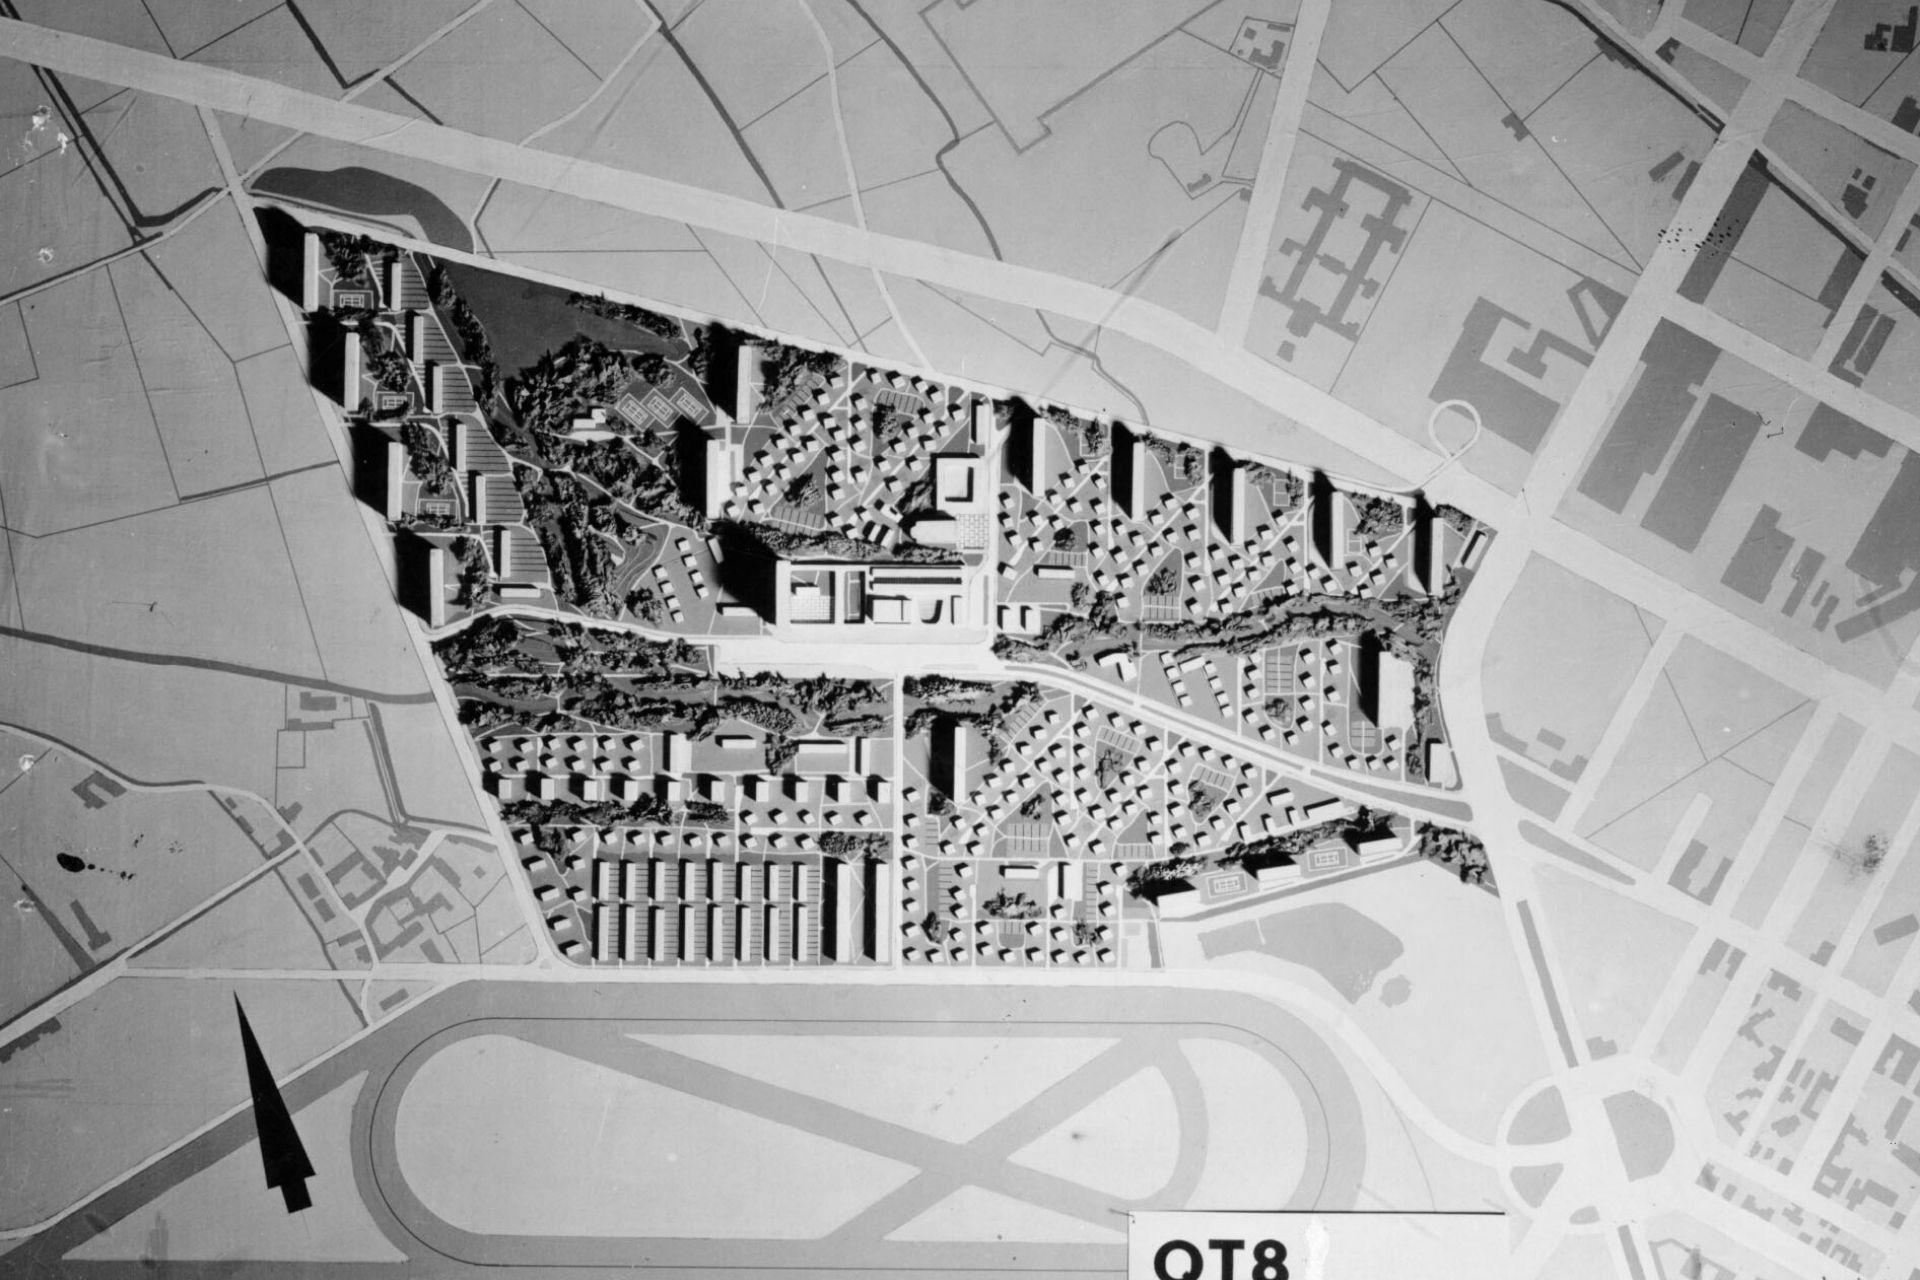 Visita guidata quartiere QT8 e Giardino dei Giusti